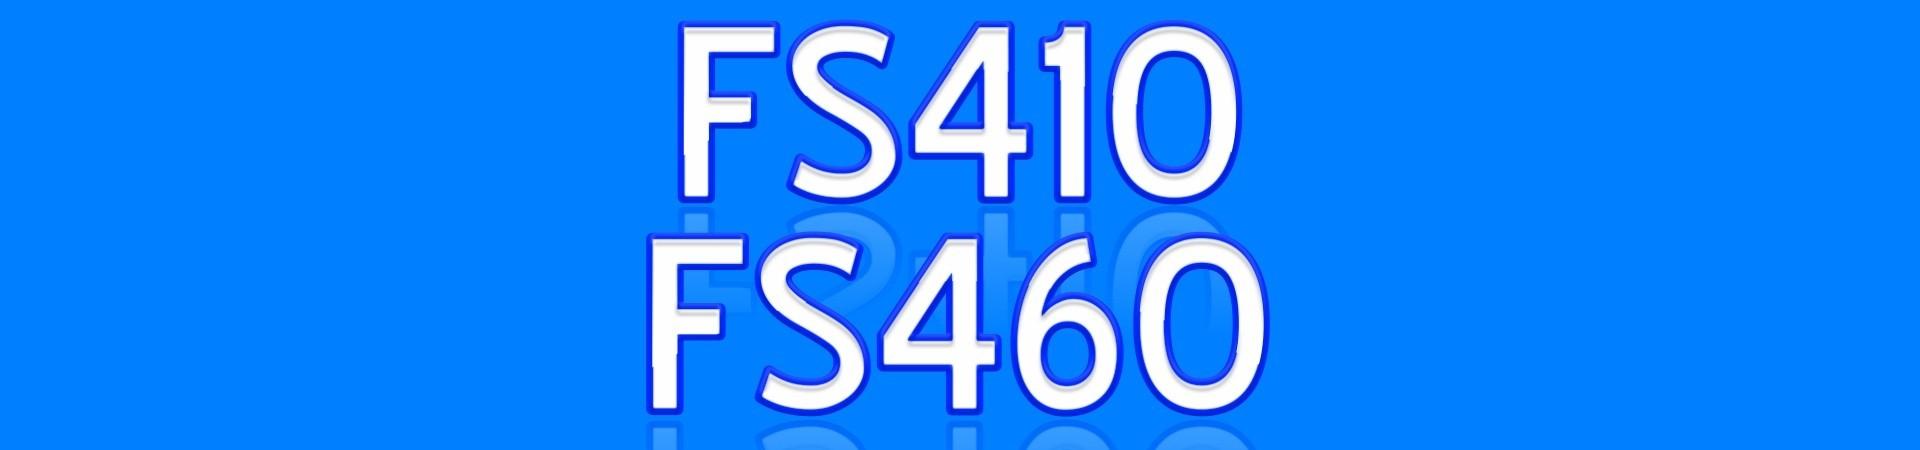 FS410 FS460